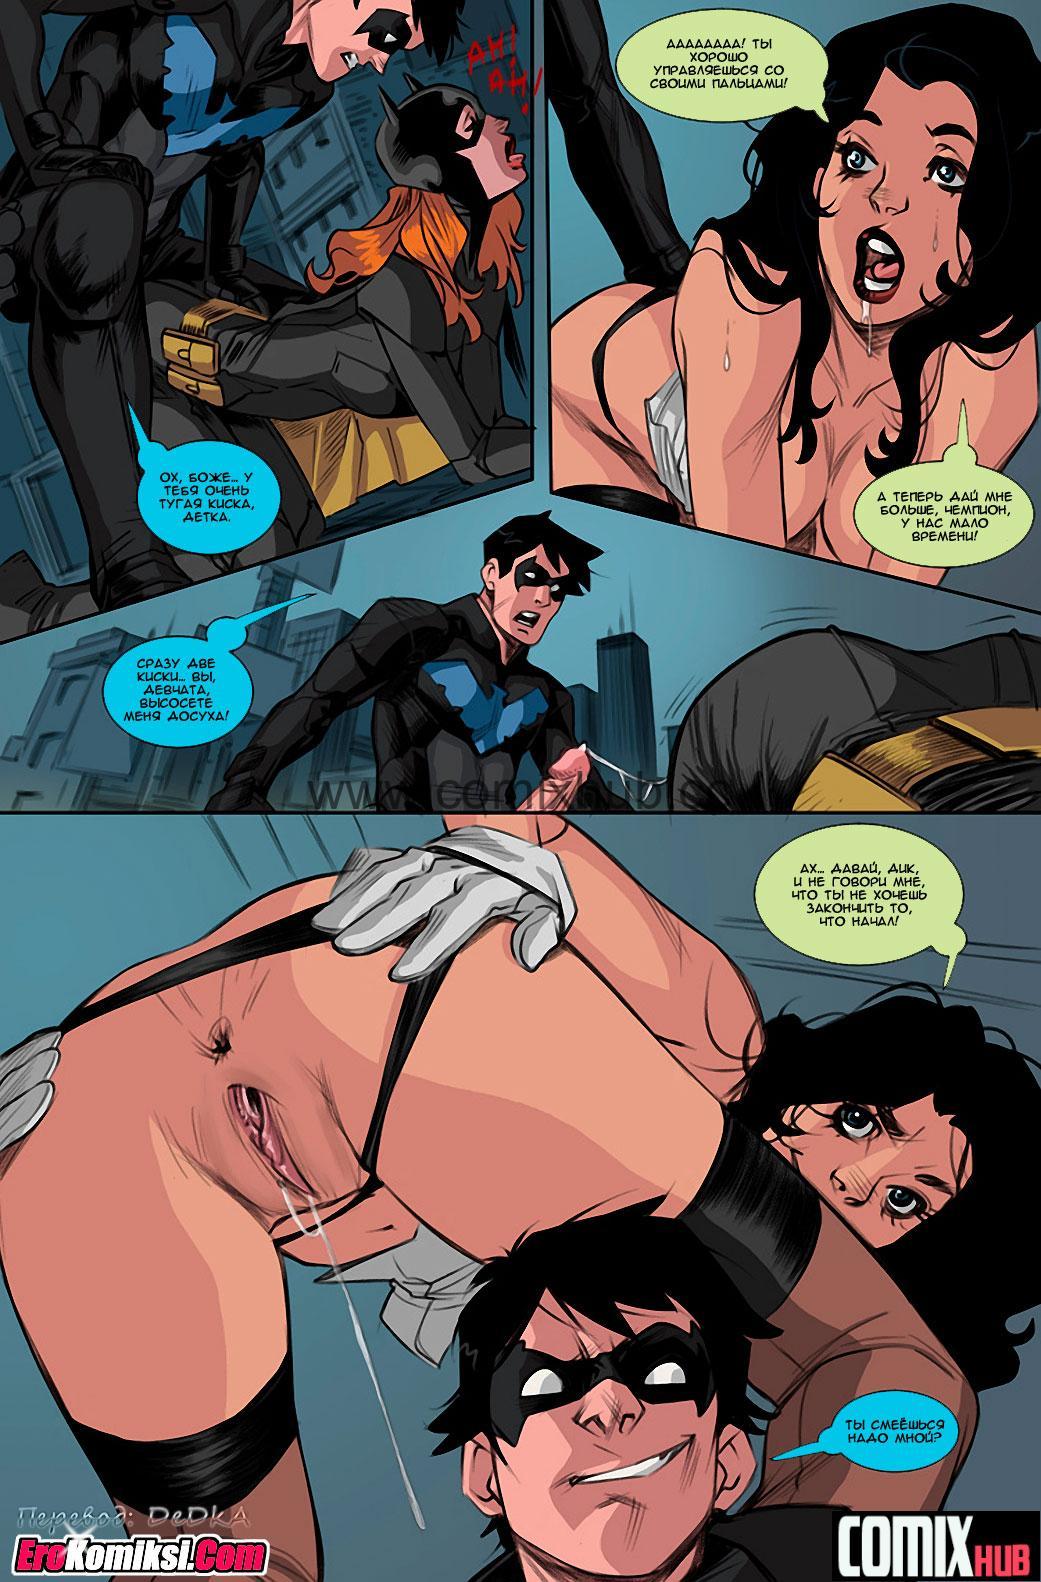 Порно комикс бэтмен, Лига Справедливости XXX Порно комиксы, Анал, Групповой секс, Минет, Супер-герои